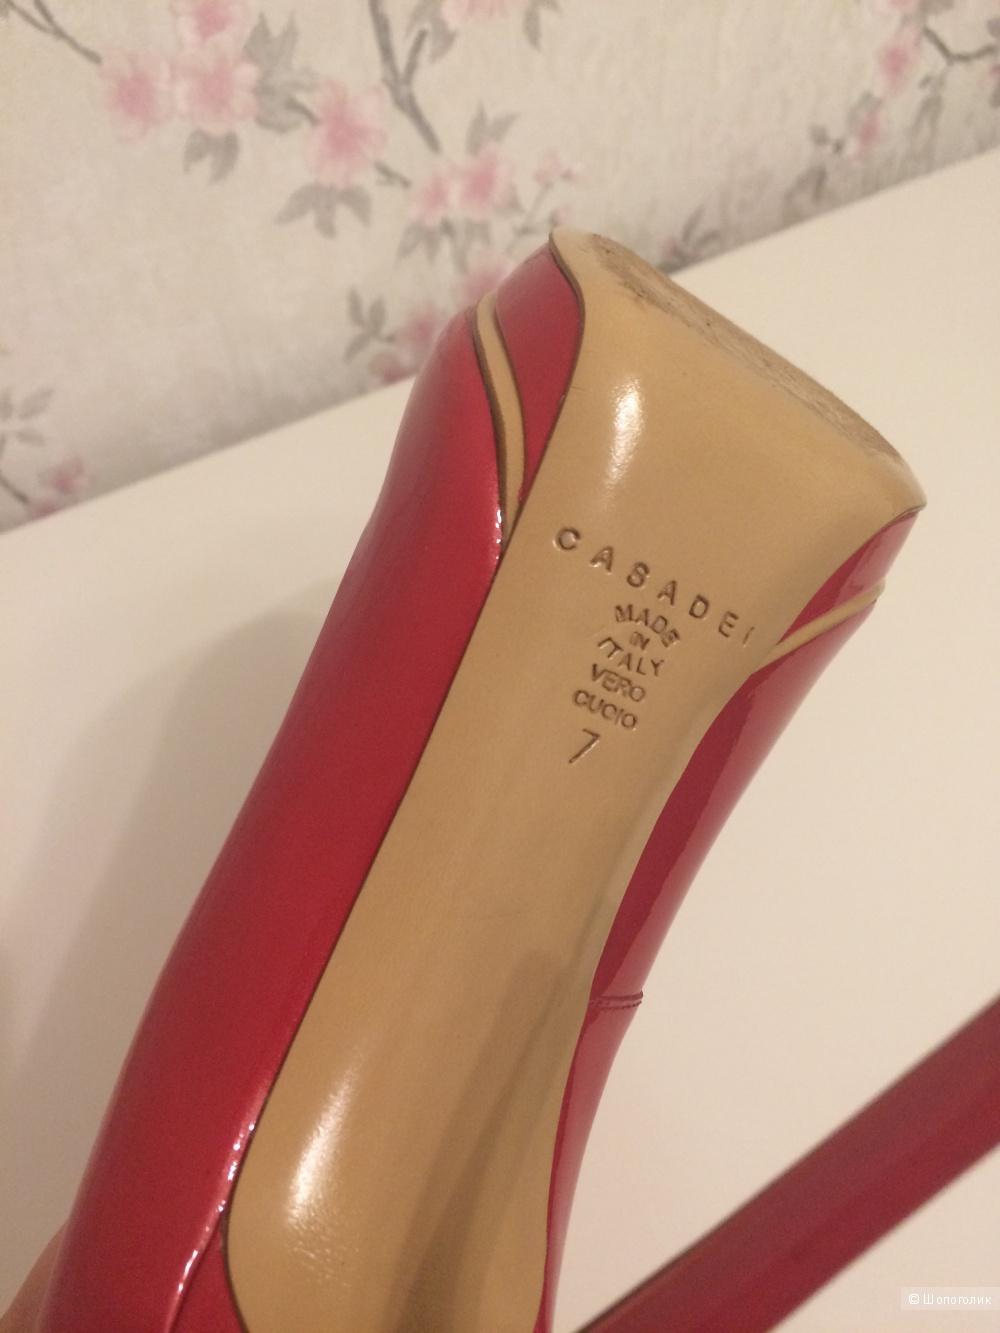 Туфли Casadei новые лаковые красные, размер 37